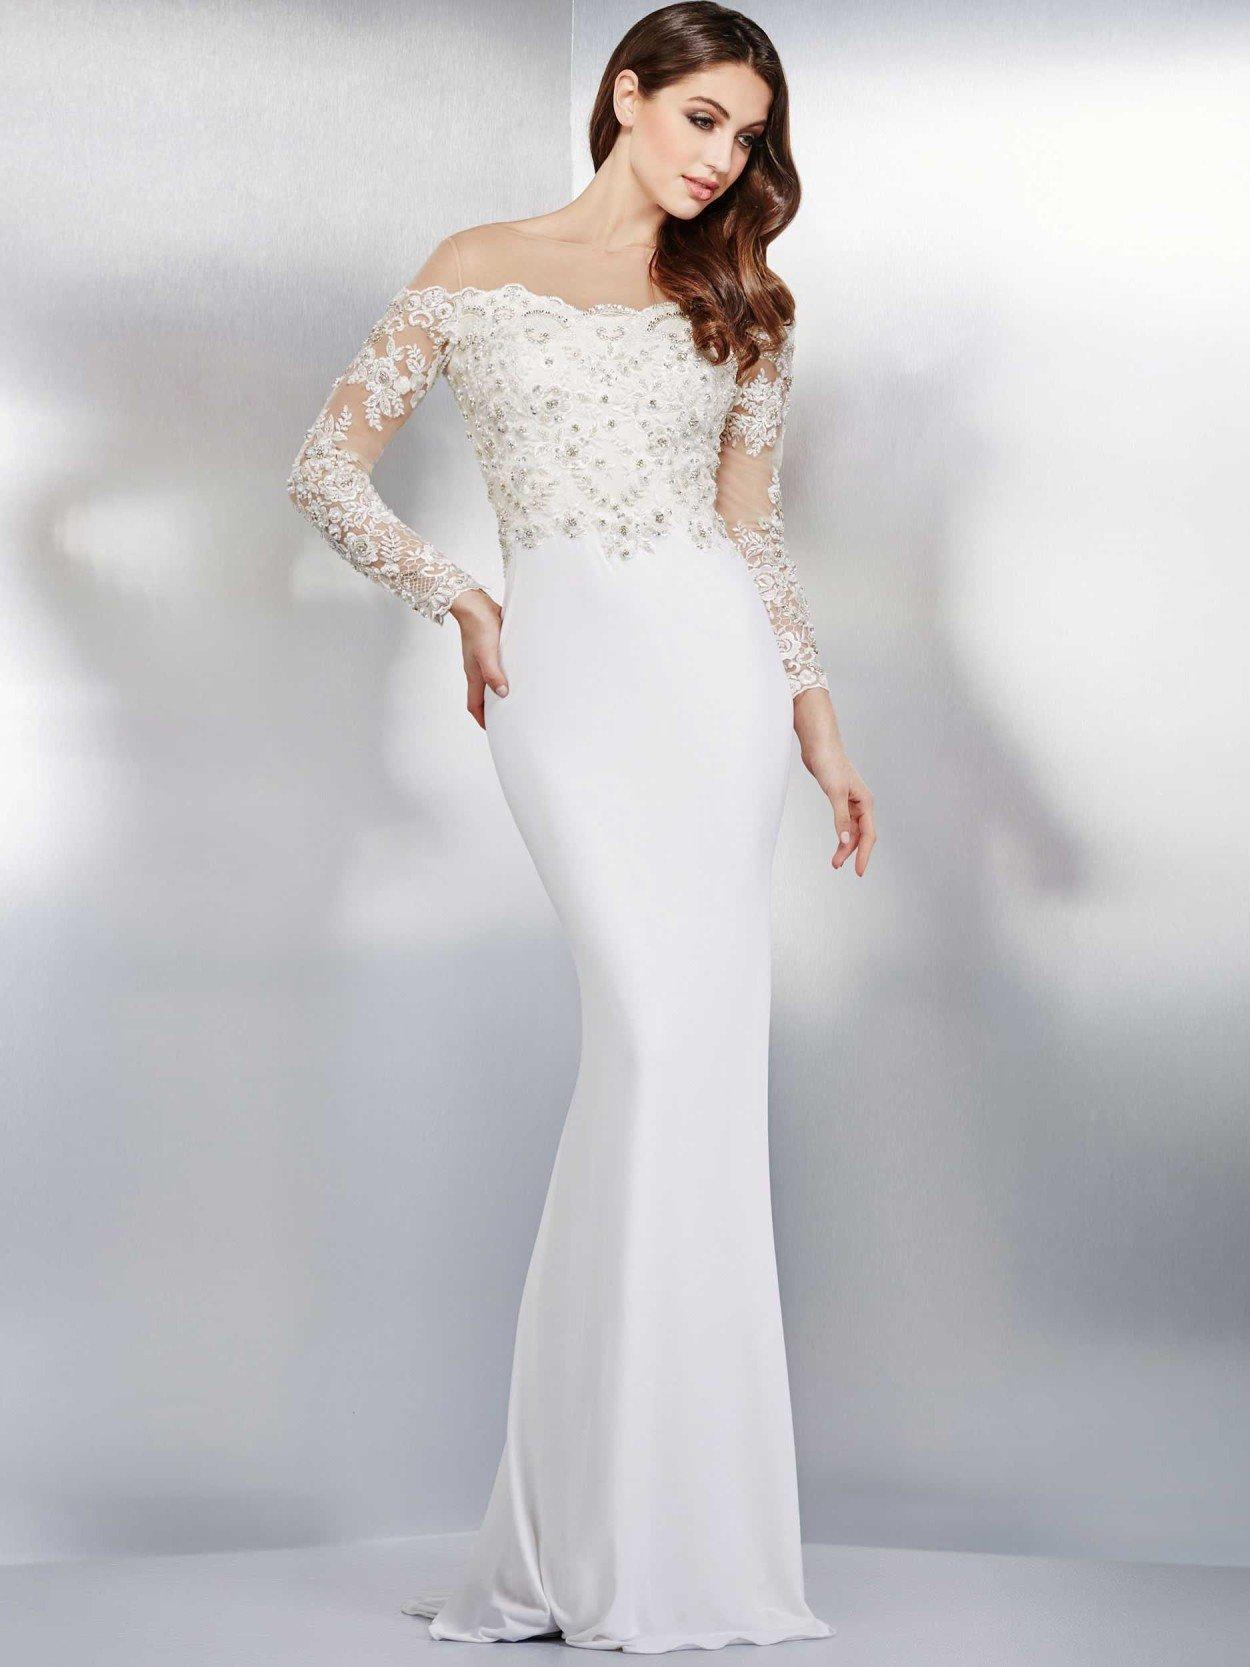 вечерние белые платья на свадьбу фото специфический